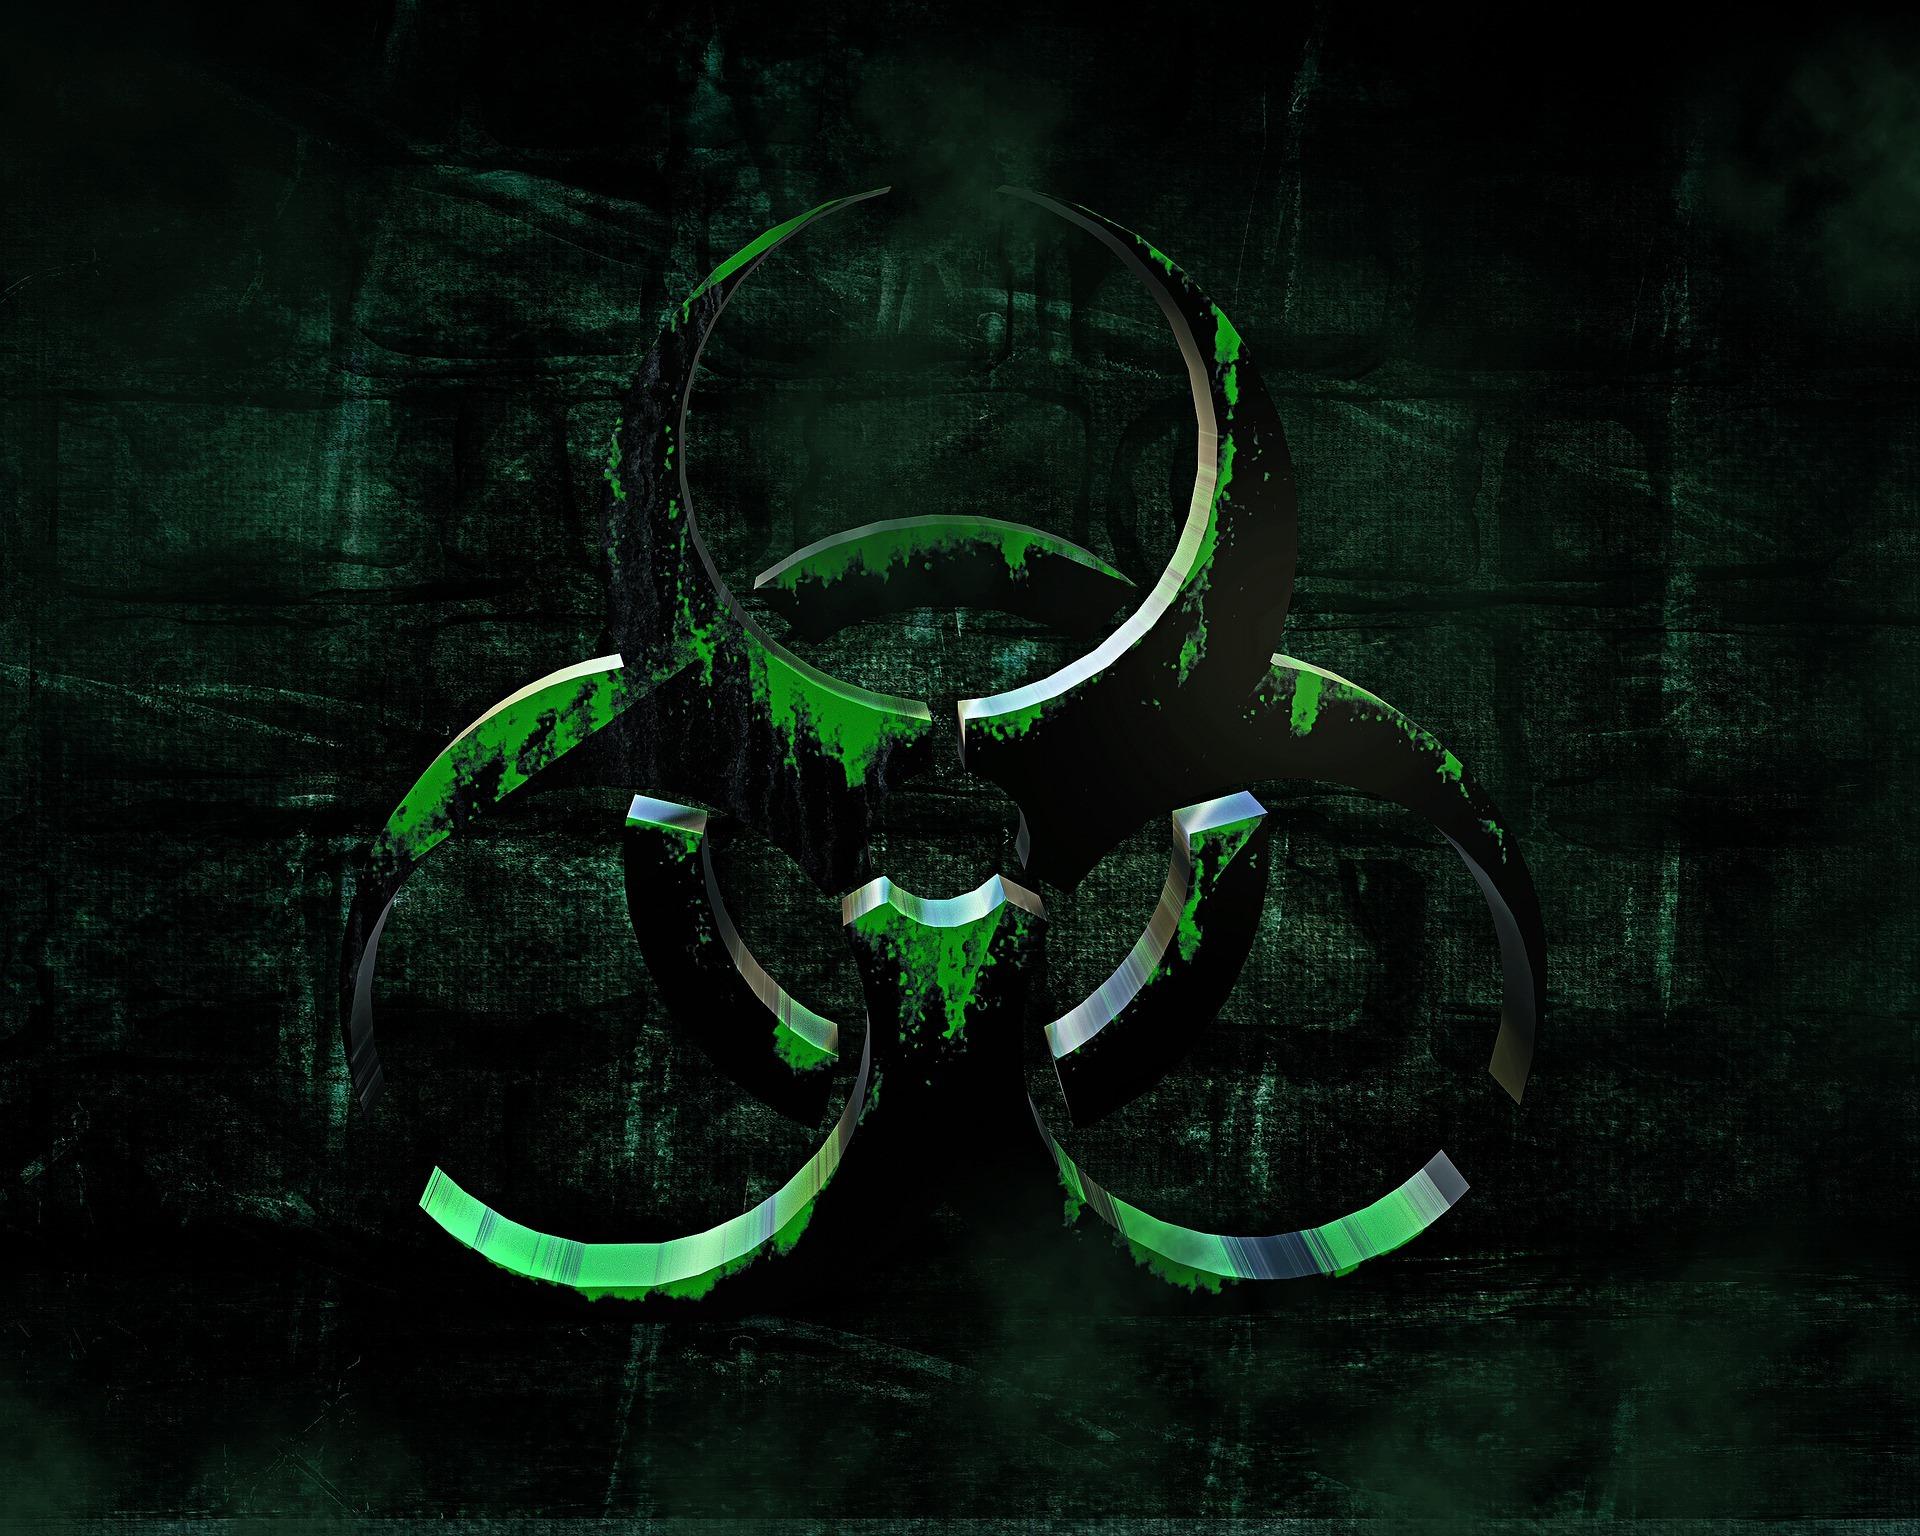 Unde ai avea cele mai mari șanse de supraviețuire în cazul unei apocalipse zombie sau în cazul unei epidemii mondiale